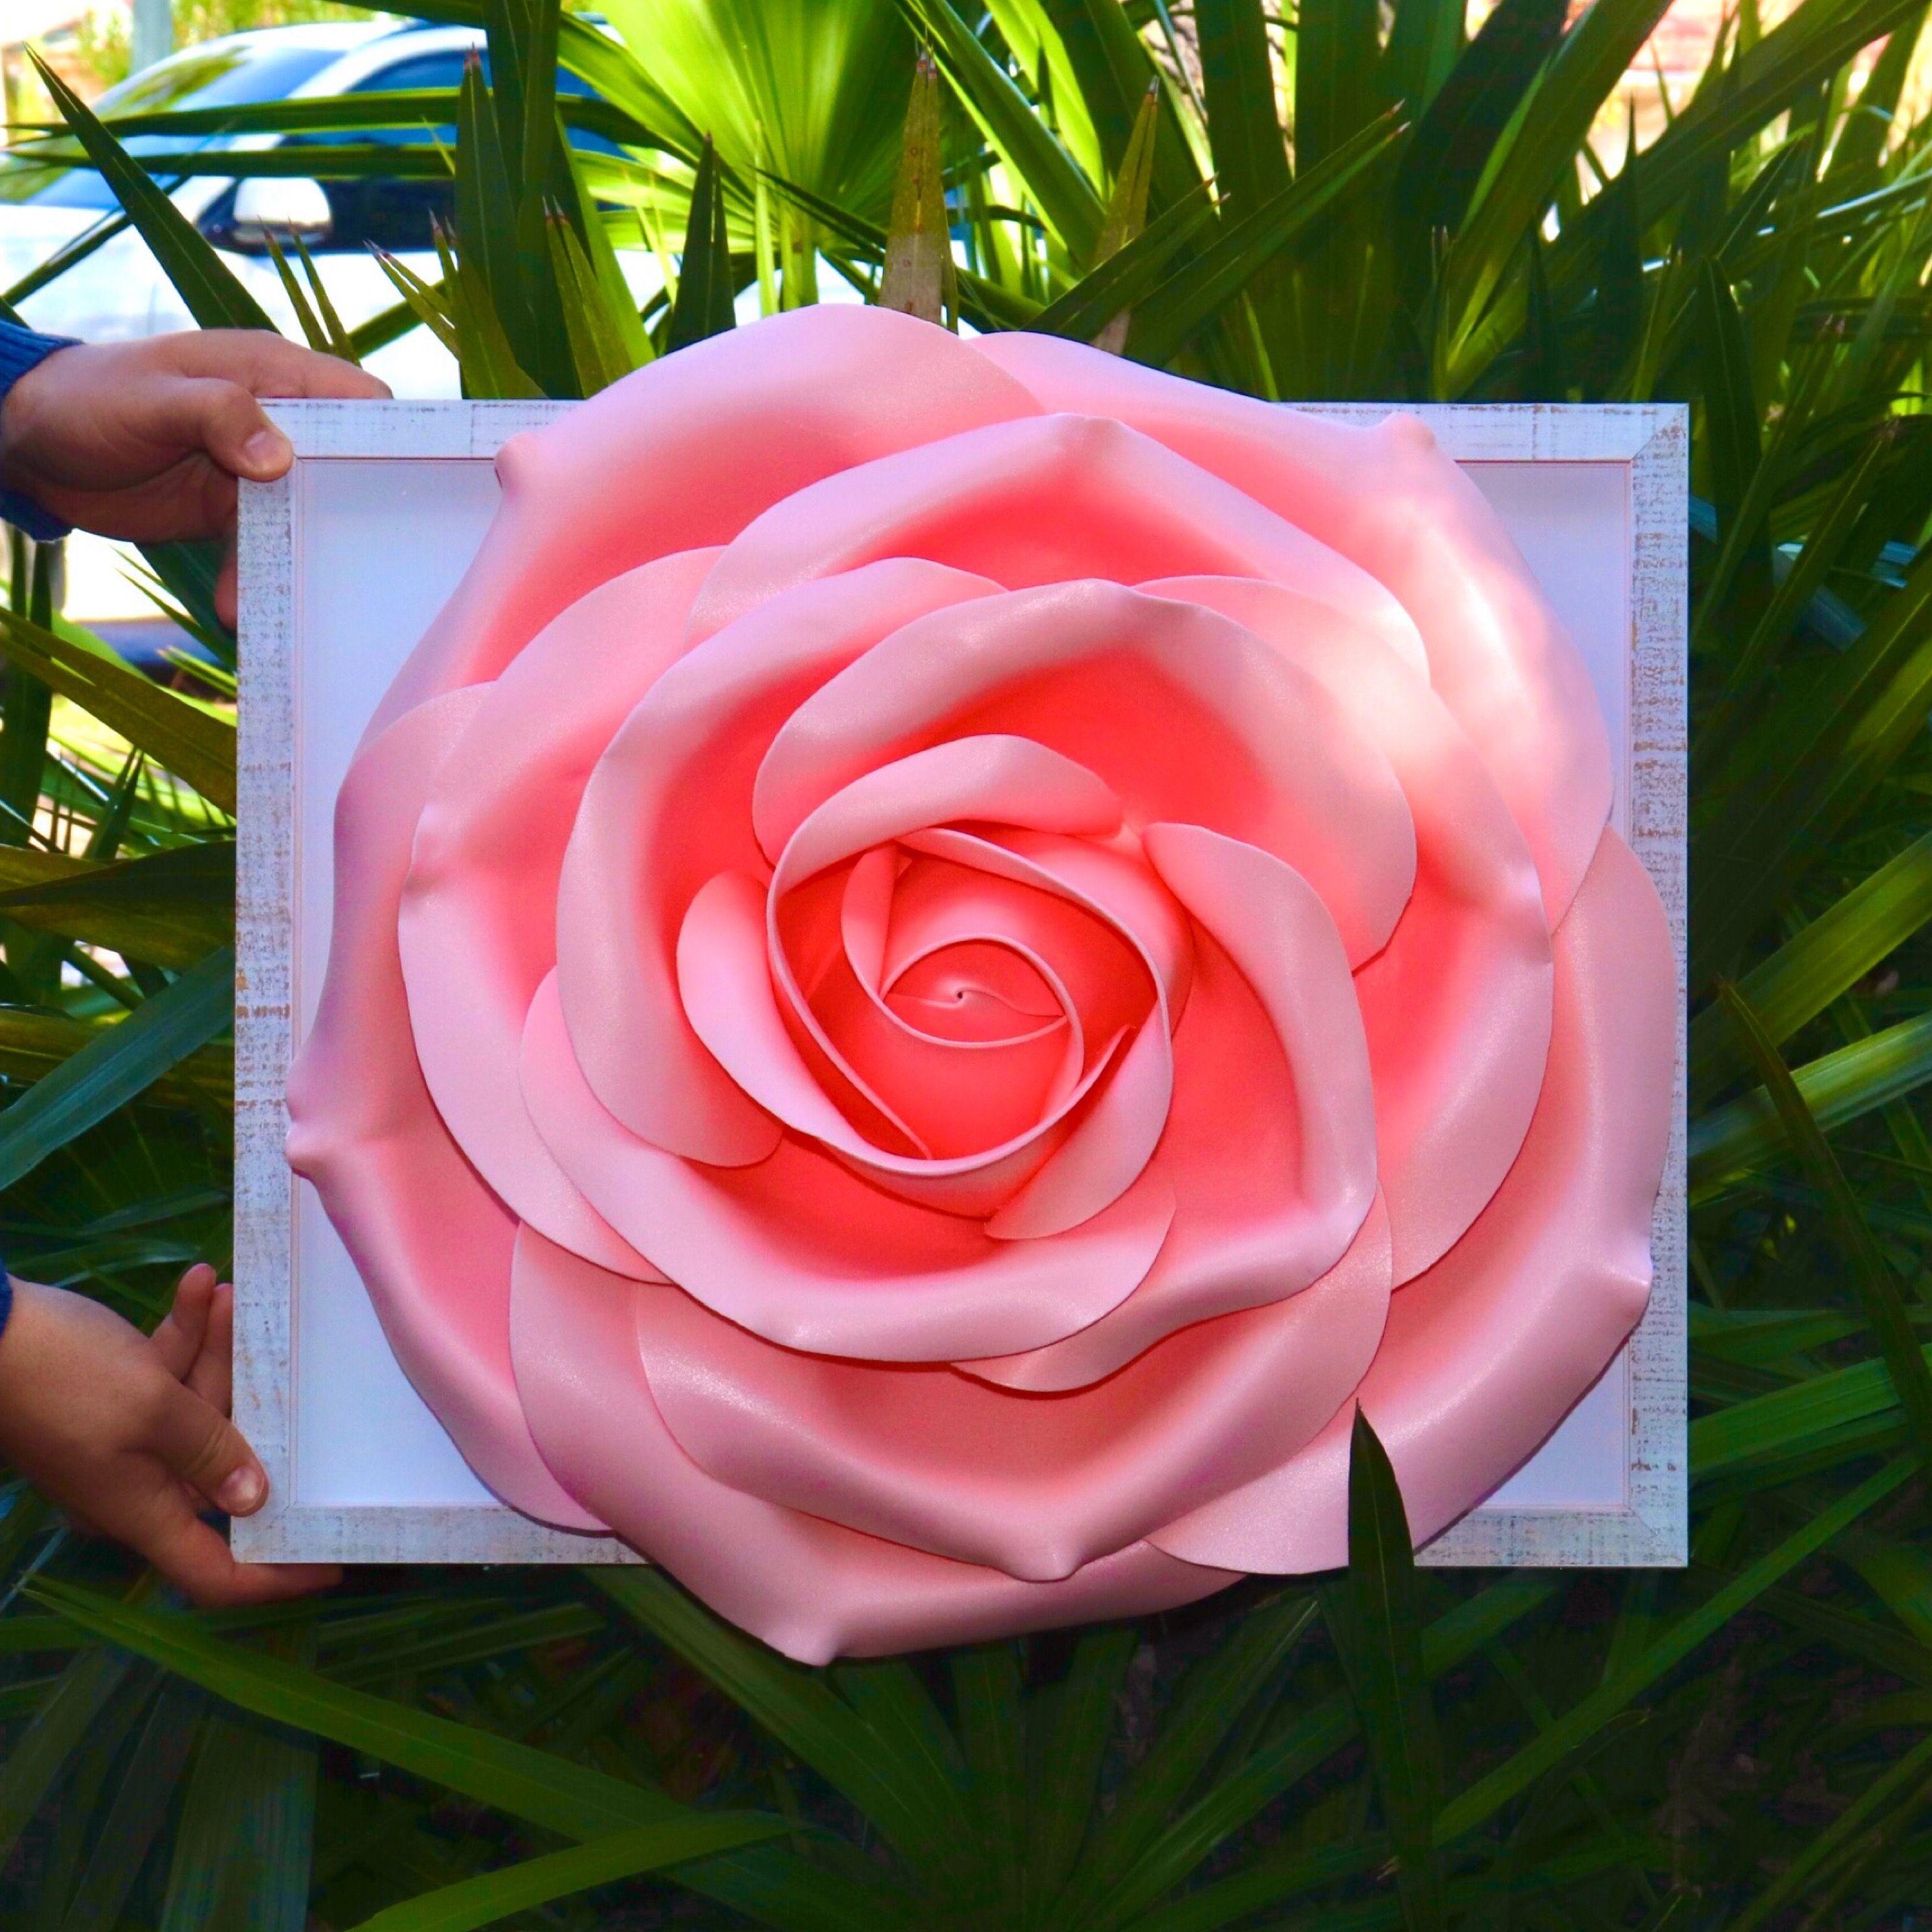 3d rose wall decor rose lamp 3d wall rose flower art